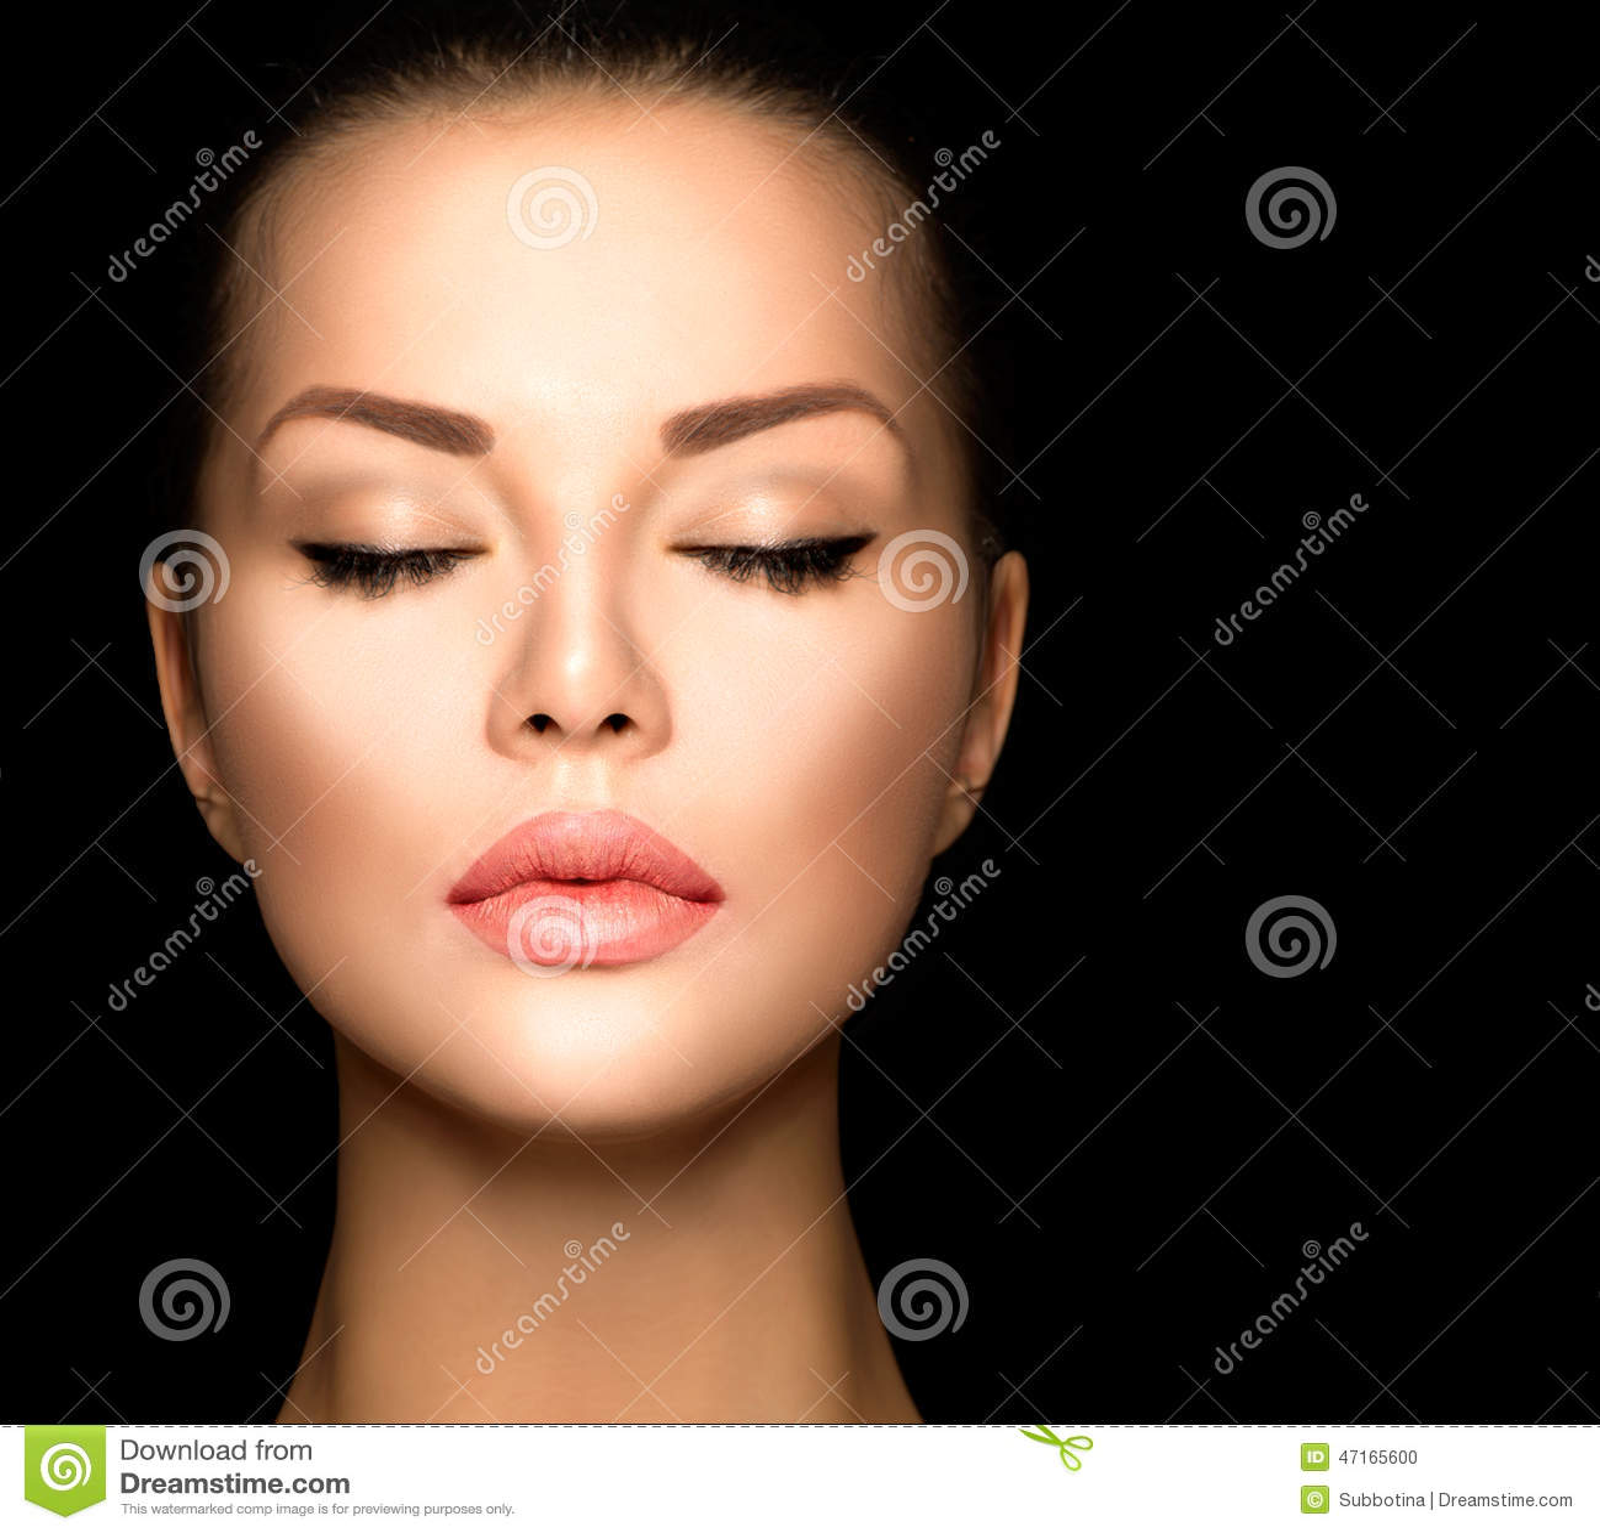 Перманентный макияж на черные брови